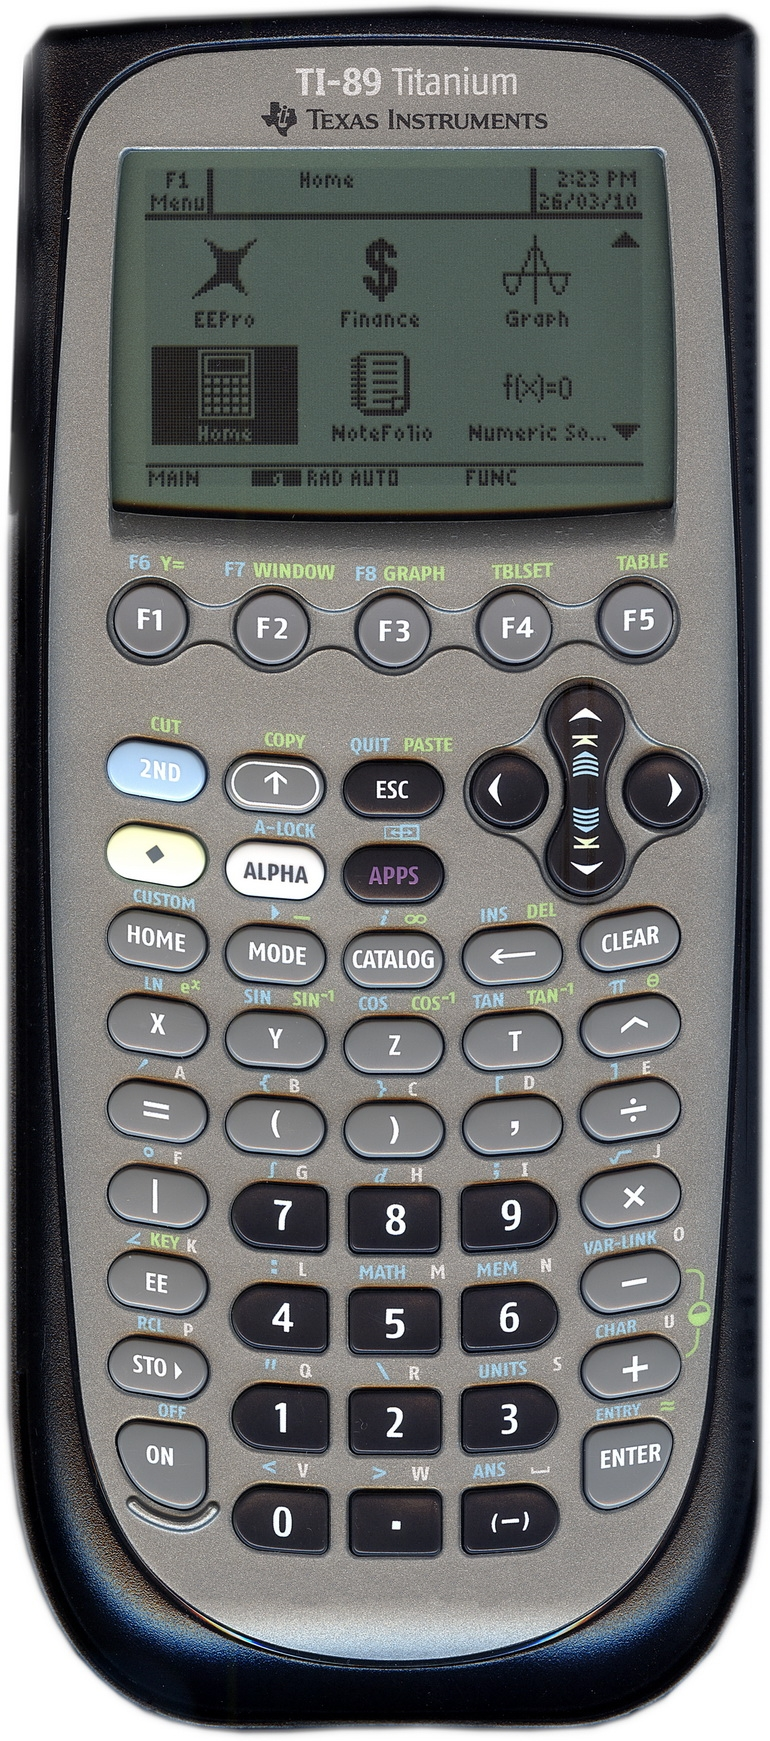 Texas instruments ti-89 titanium graphing calculator.